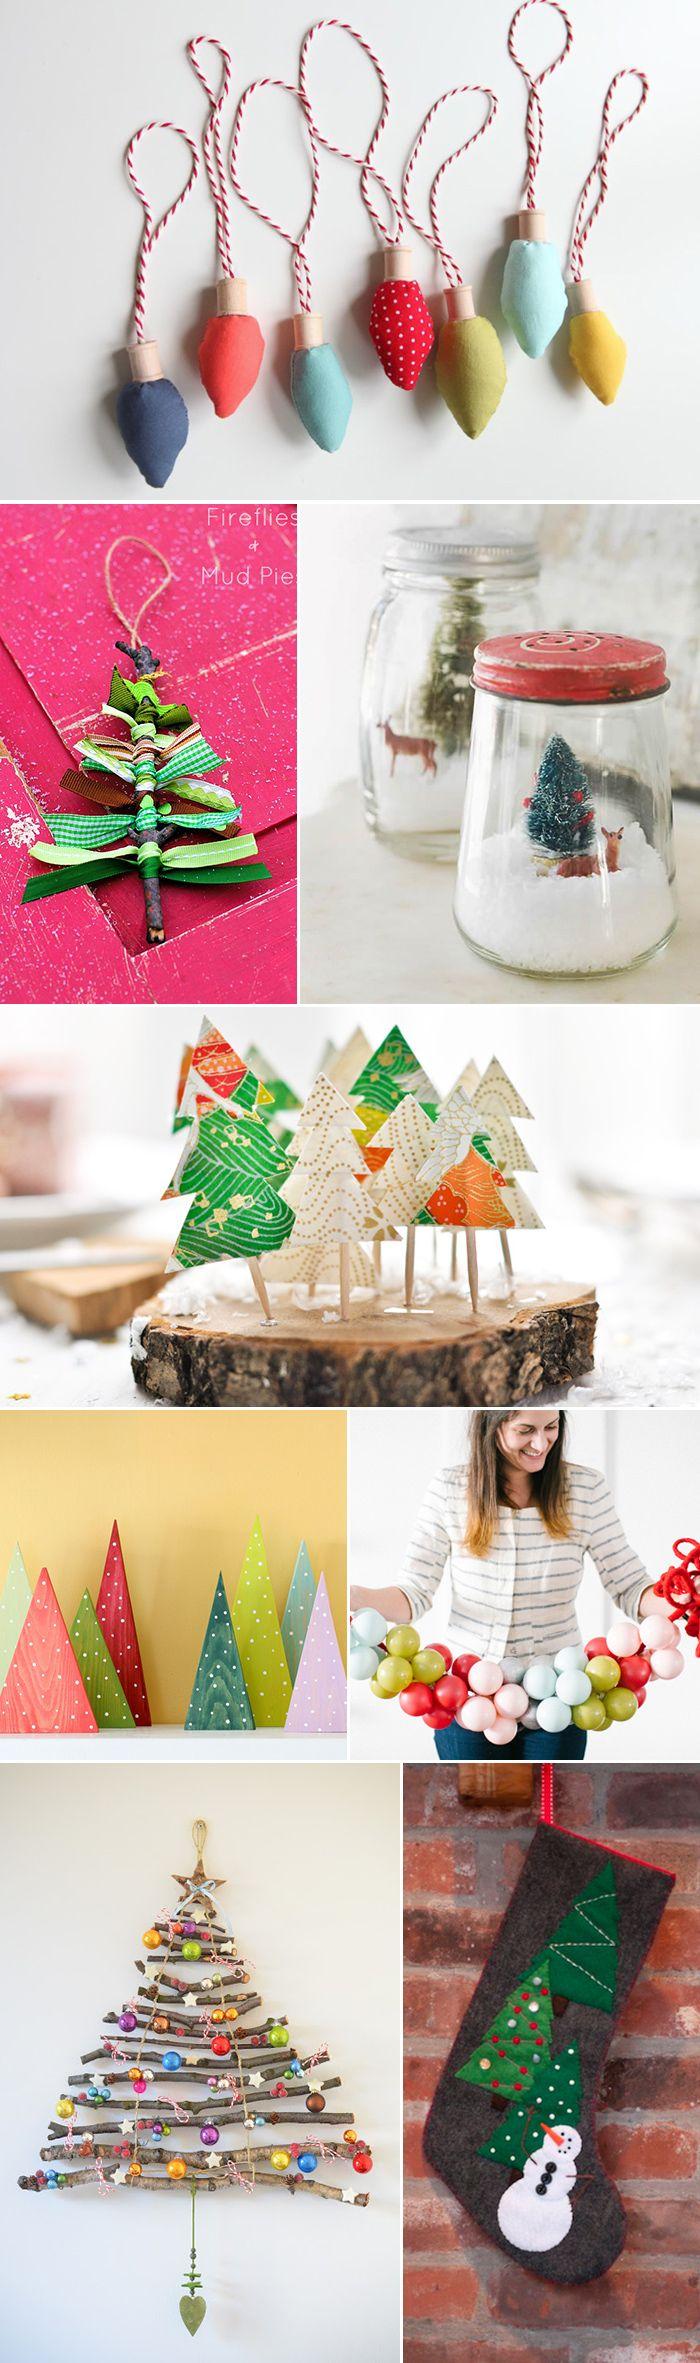 DIY Christmas tutorials for crafts & decor